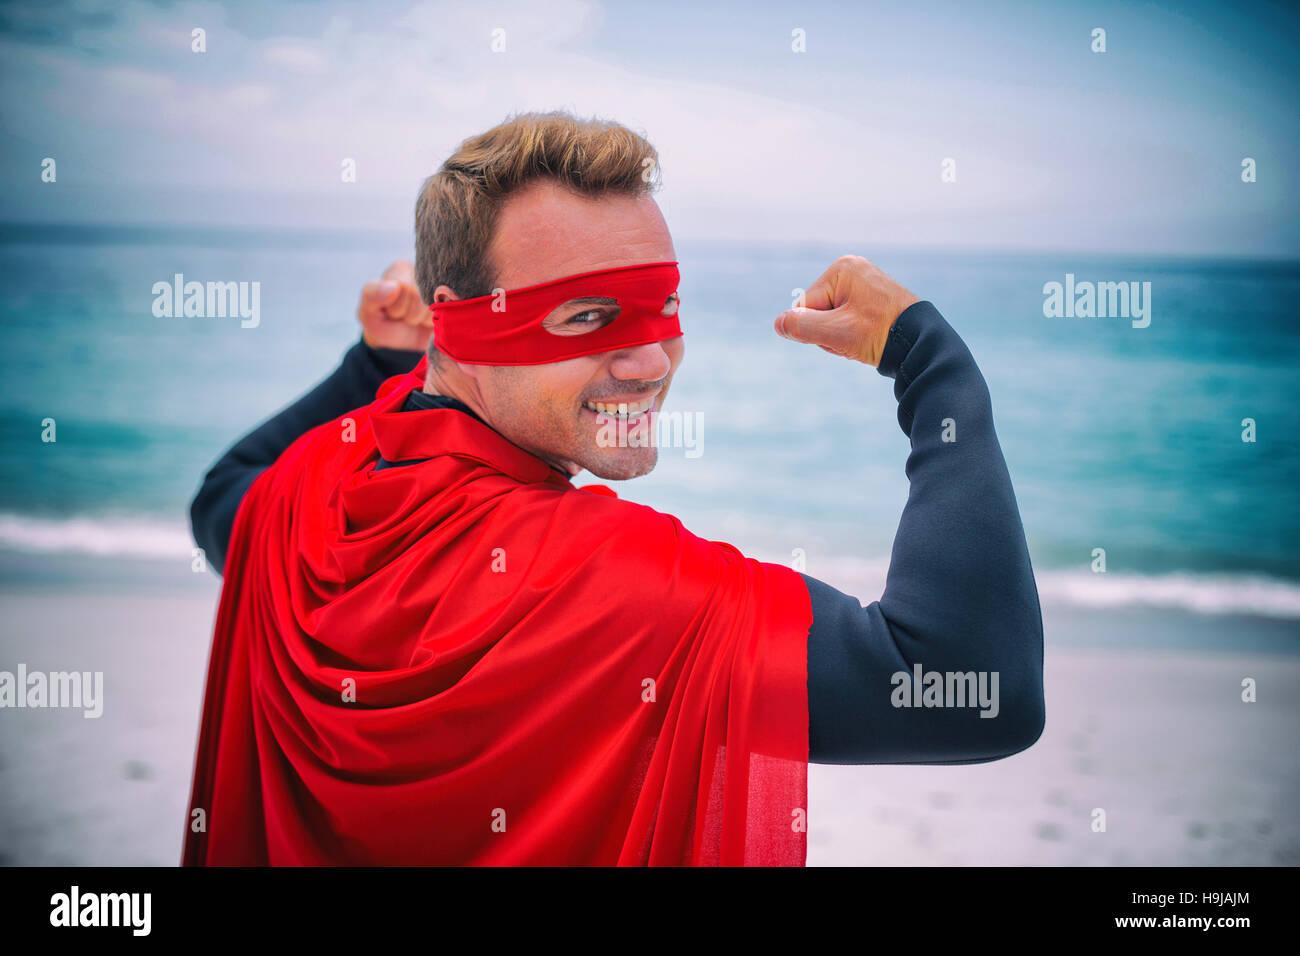 Uomo in costume da supereroe flettendo muscoli alla riva del mare Immagini Stock